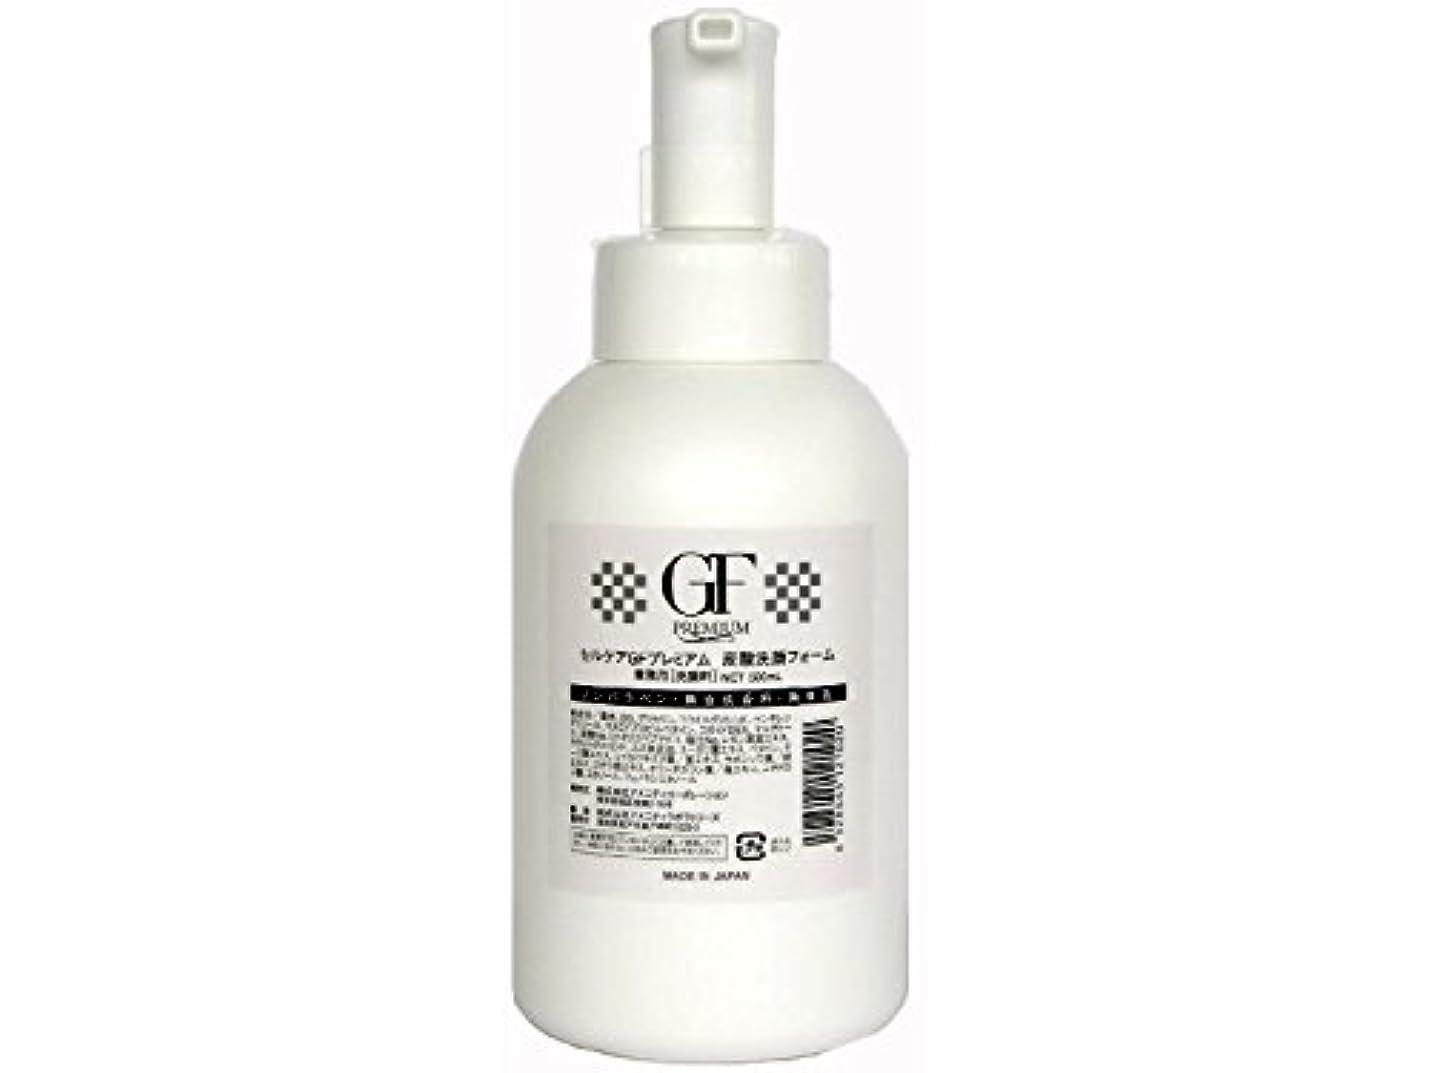 分類する改修する目的【業務用】セルケア GFプレミアム EG炭酸洗顔フォーム 500ml